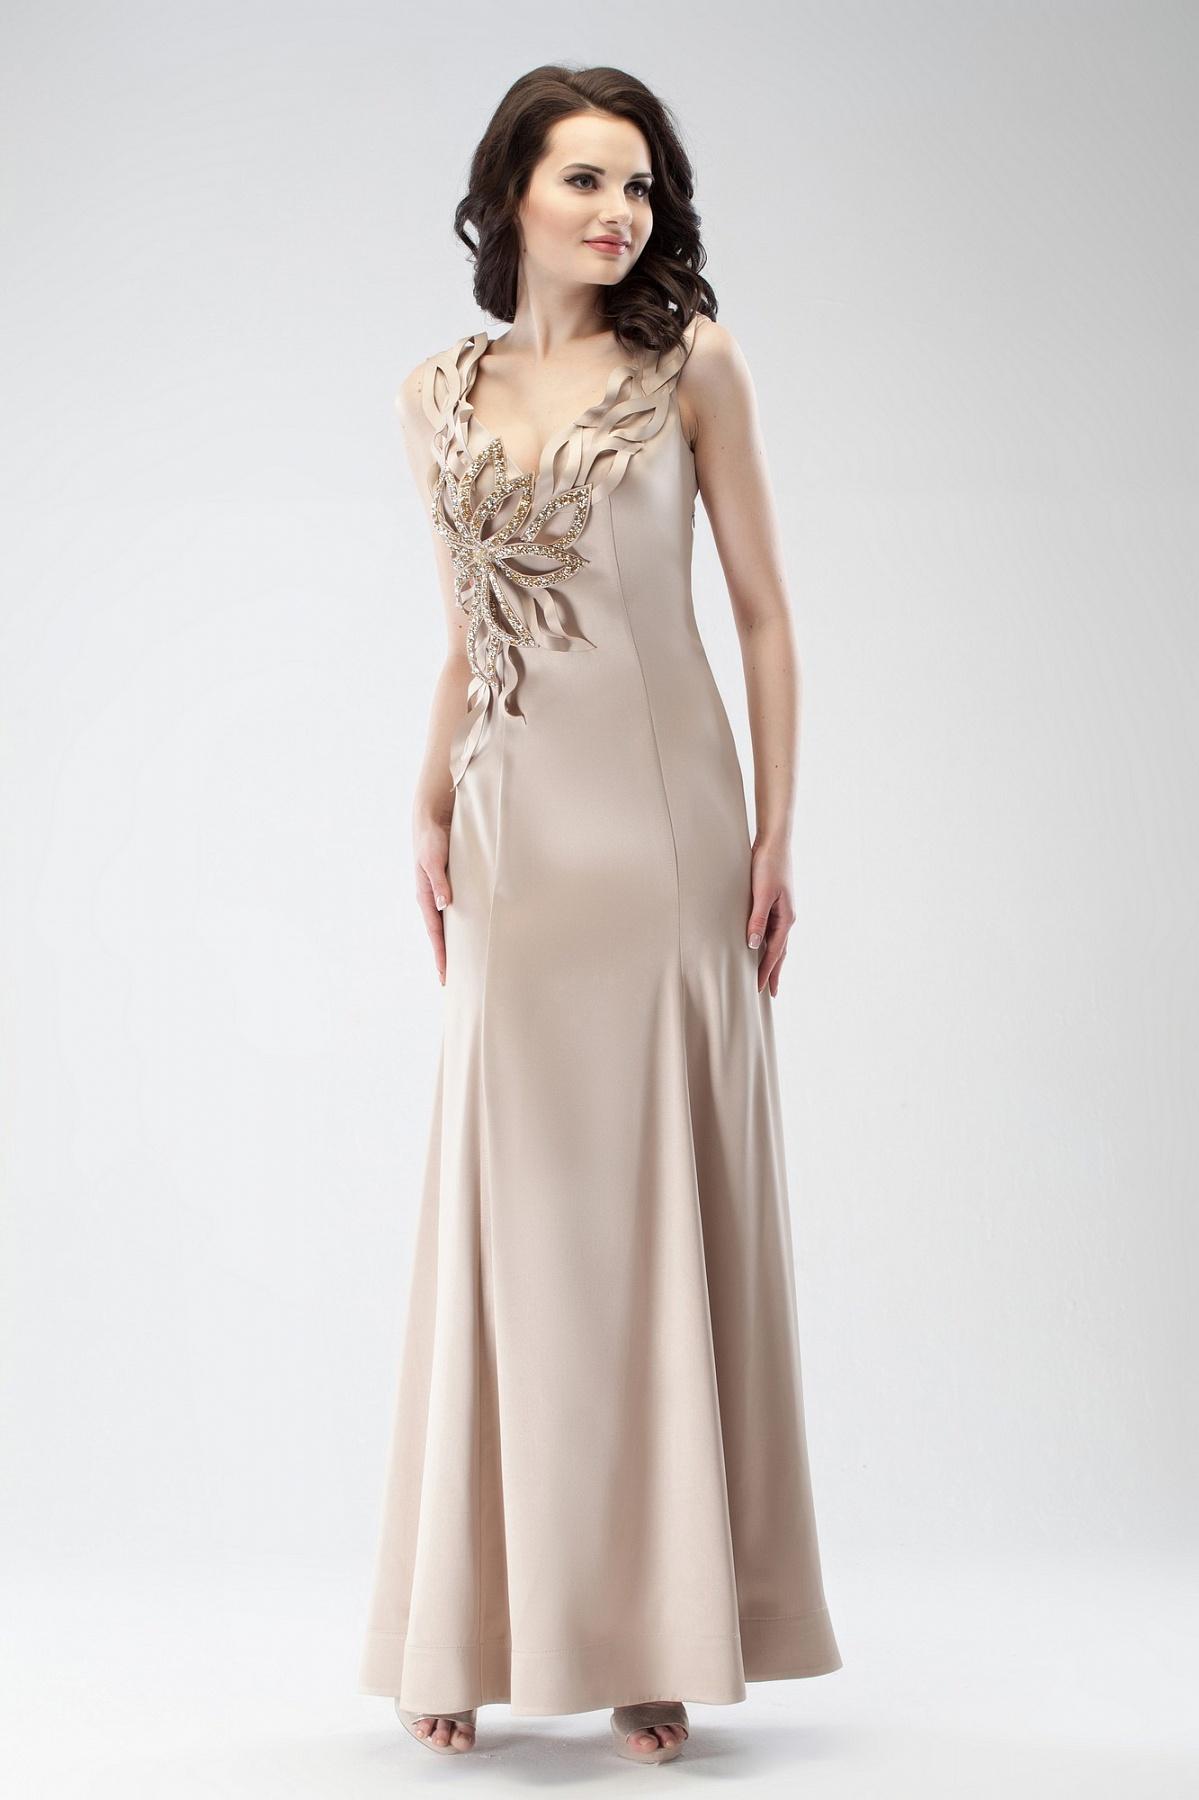 платье на выпускной каталог фото